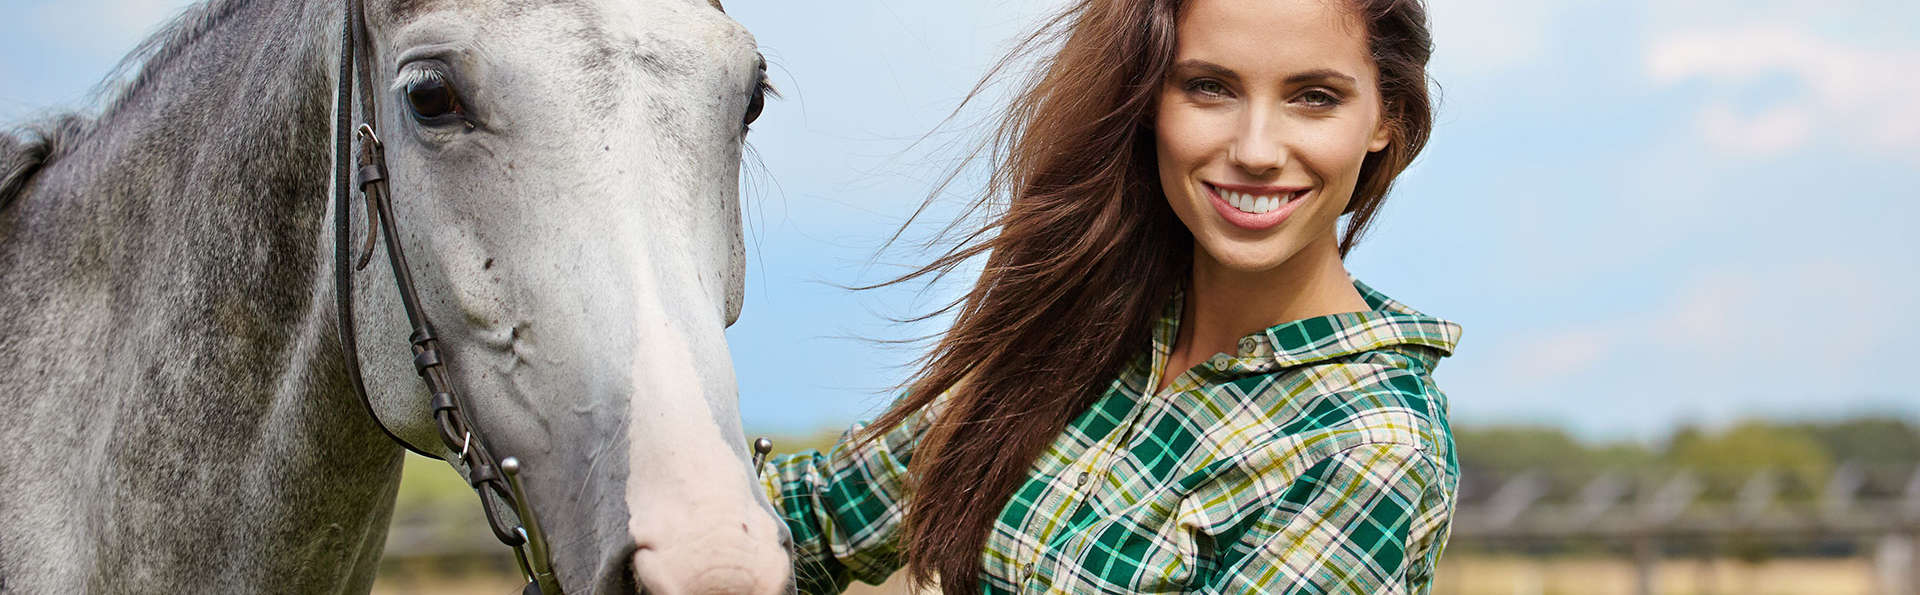 Especial Naturaleza: Escapada en cangas de Onís con paseo a caballo